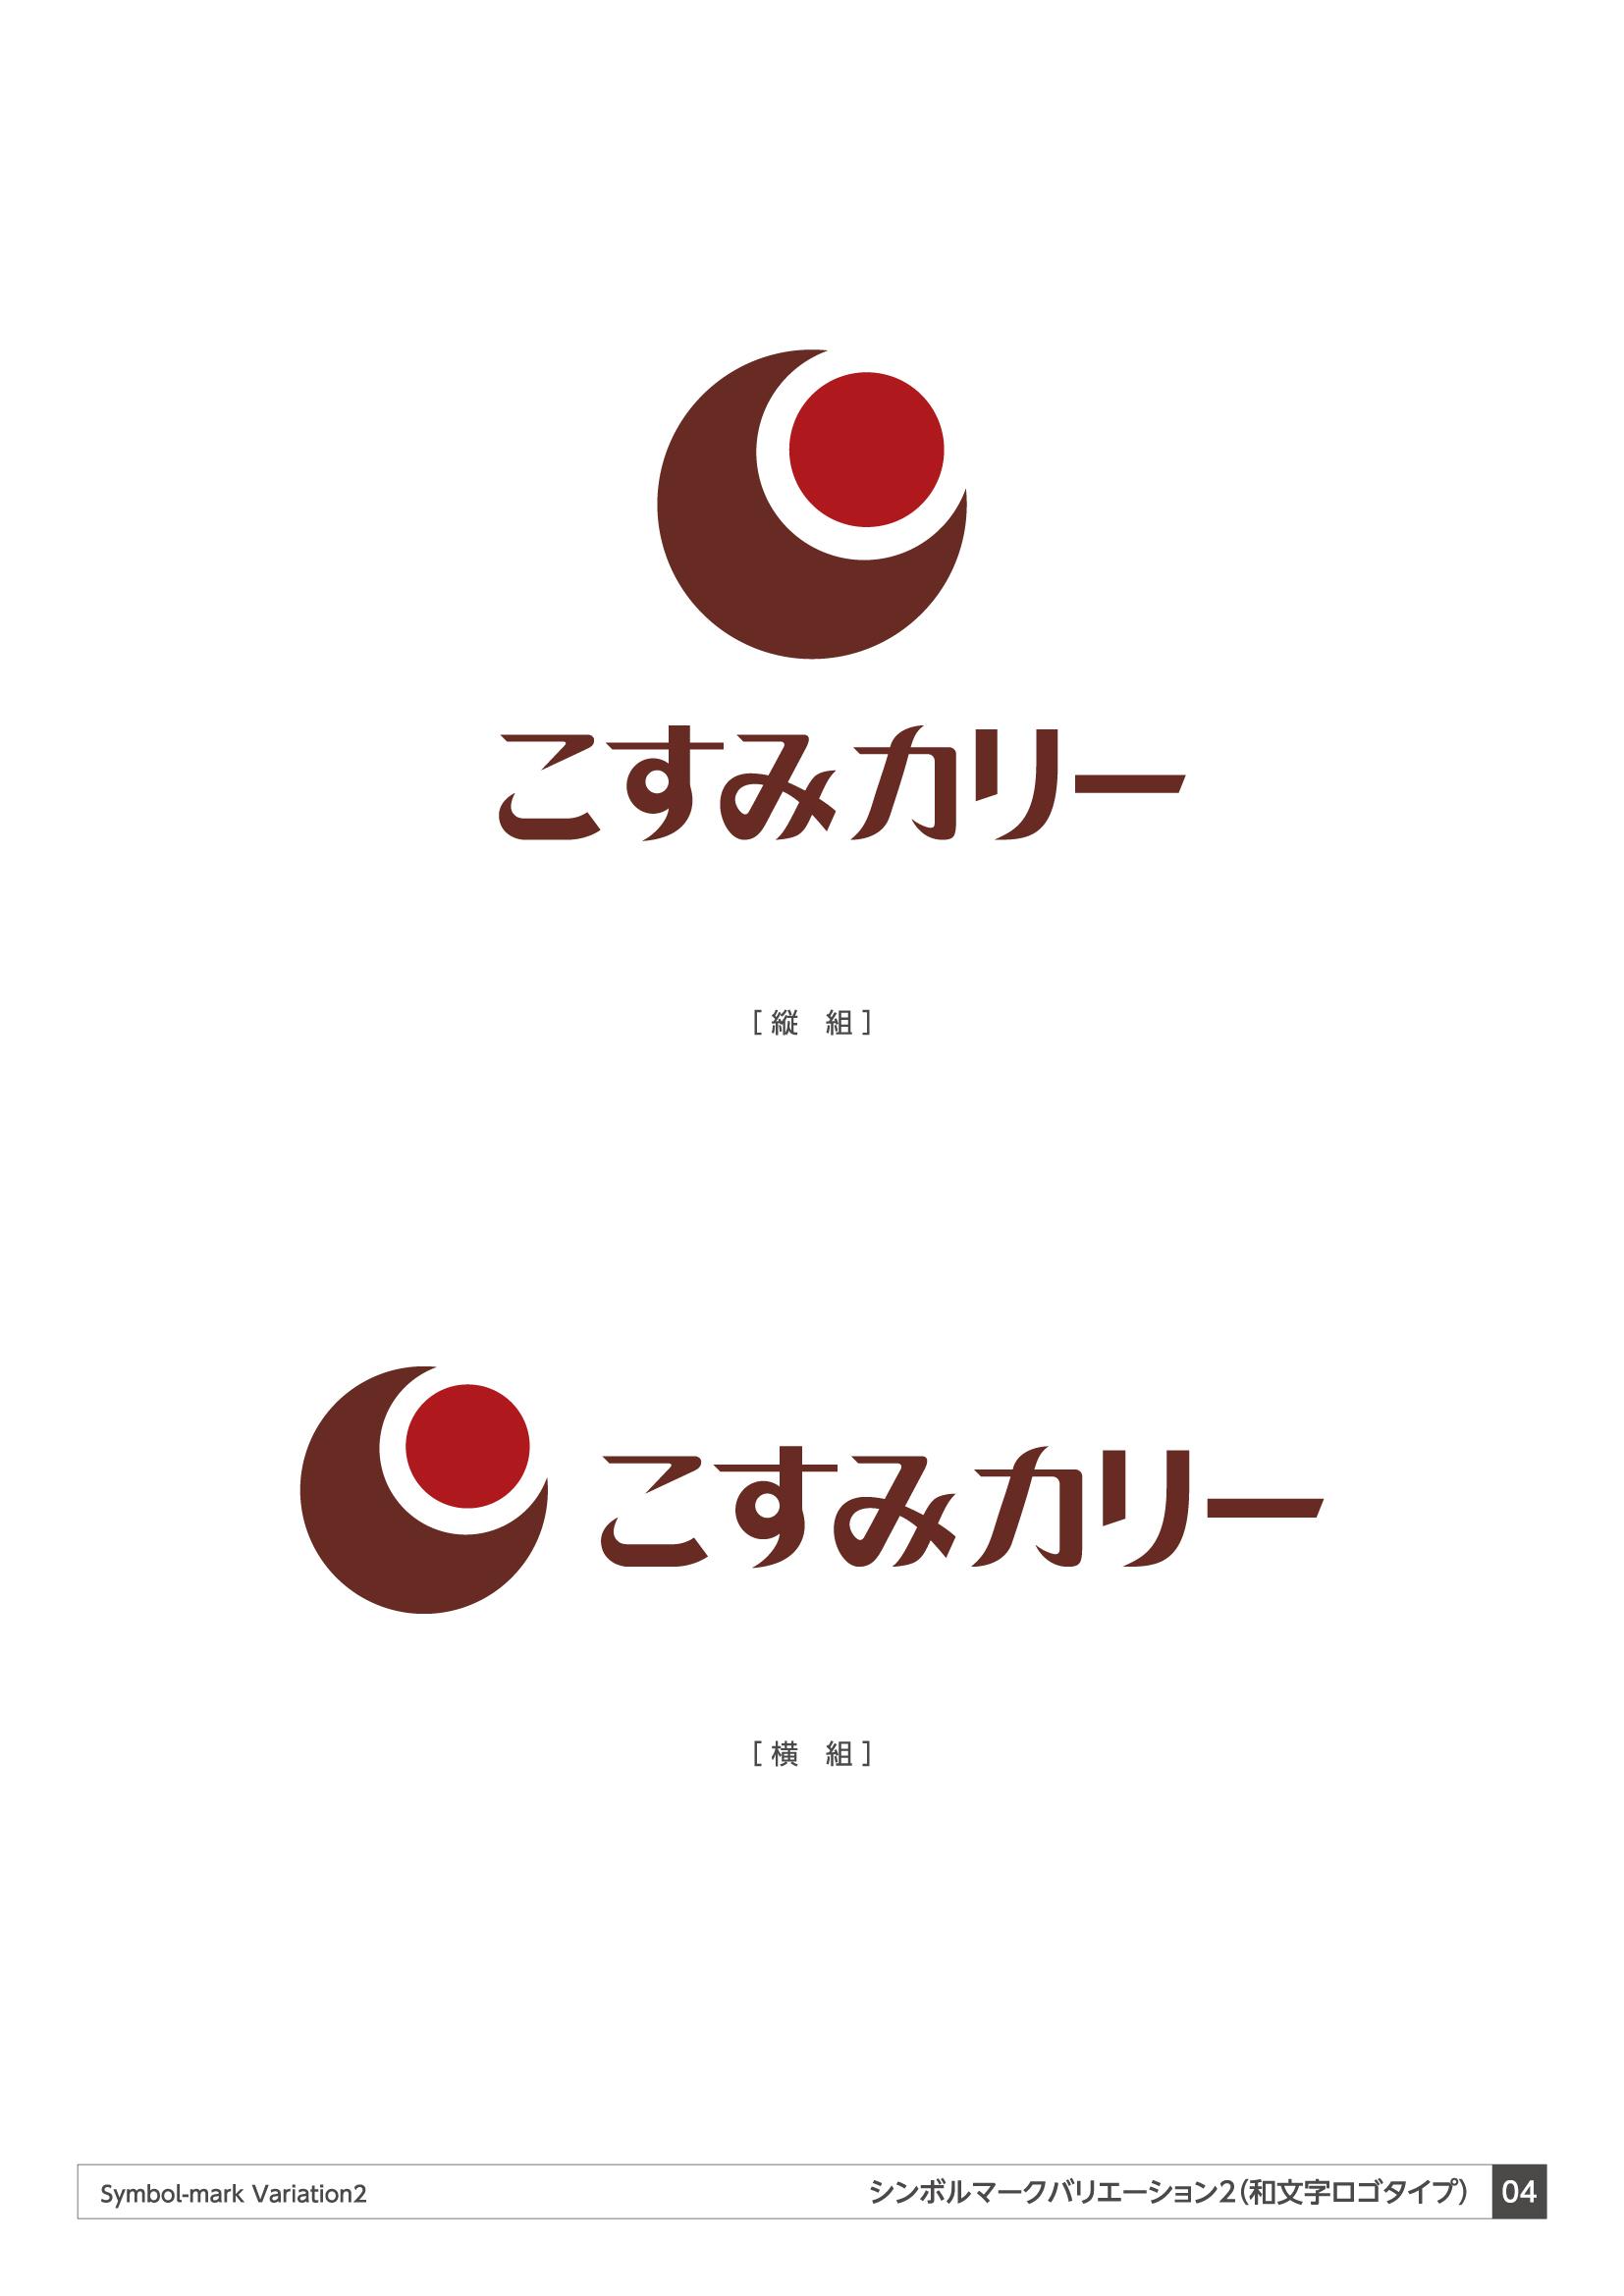 カレー_ブランド_ロゴデザイン VIマニュアル4